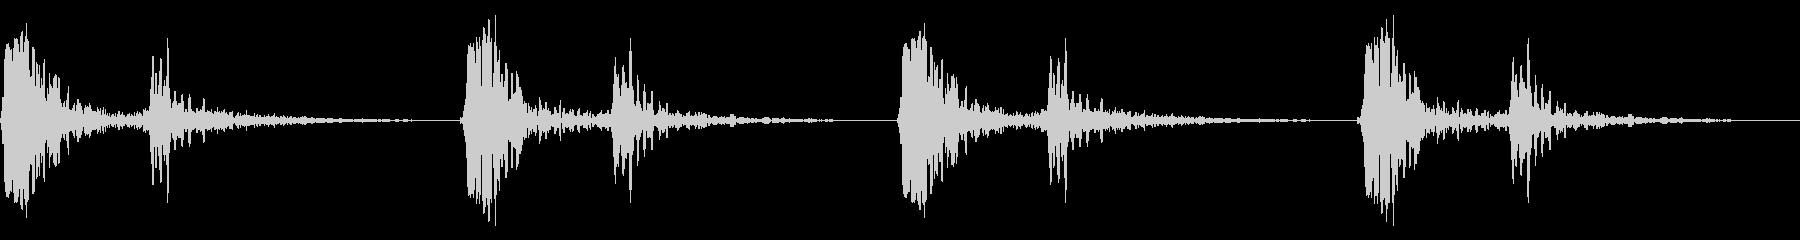 心臓音の未再生の波形